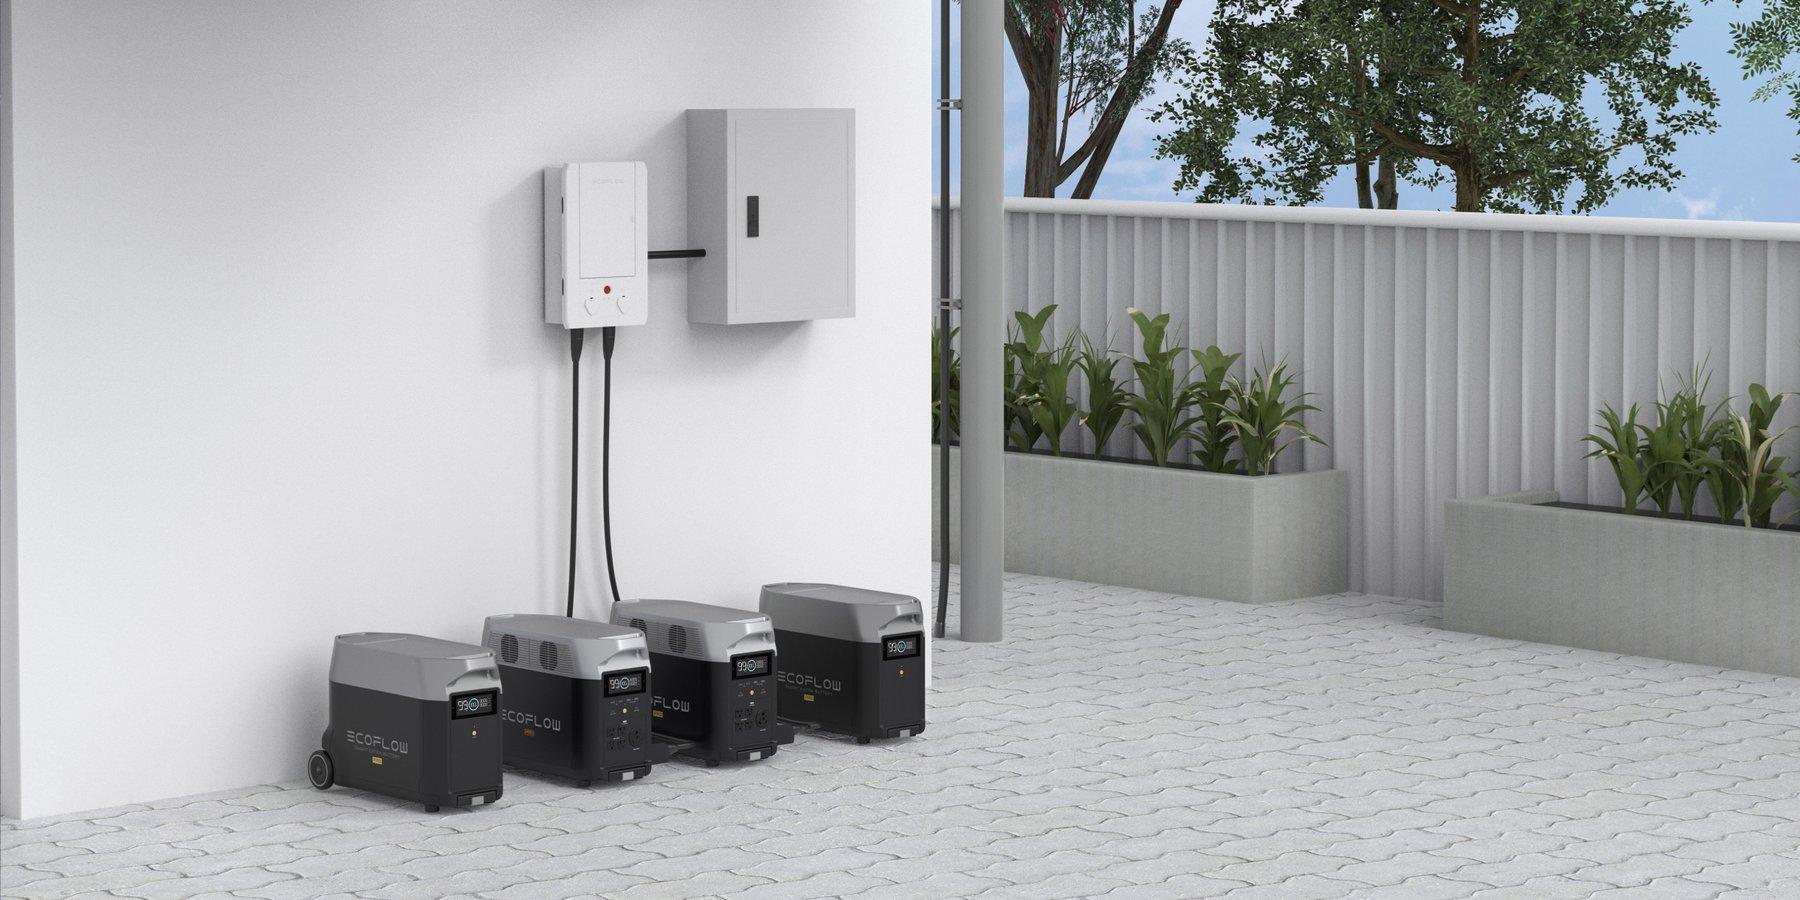 domotique panneau intelligent ecoflow et generateur delta pro 3600W